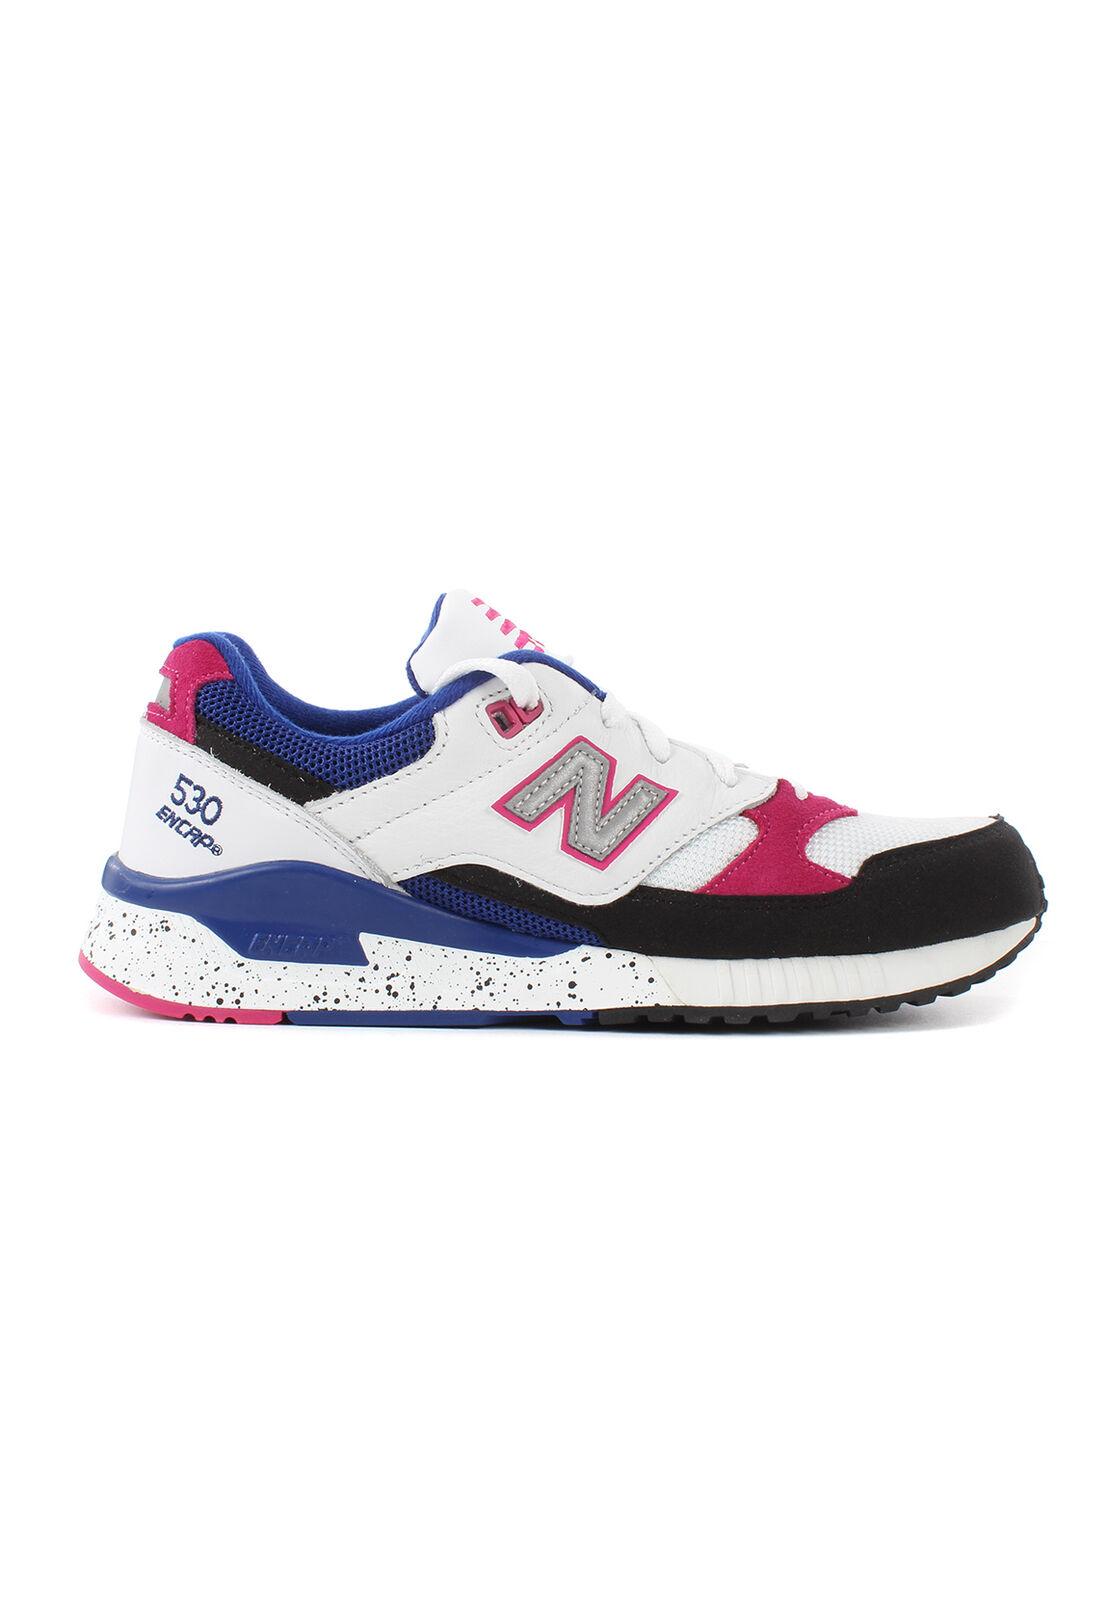 NEW Balance scarpe da ginnastica Donna w530psa MultiColoreeee Bianco rosa Blu | Reputazione affidabile  | Uomini/Donna Scarpa